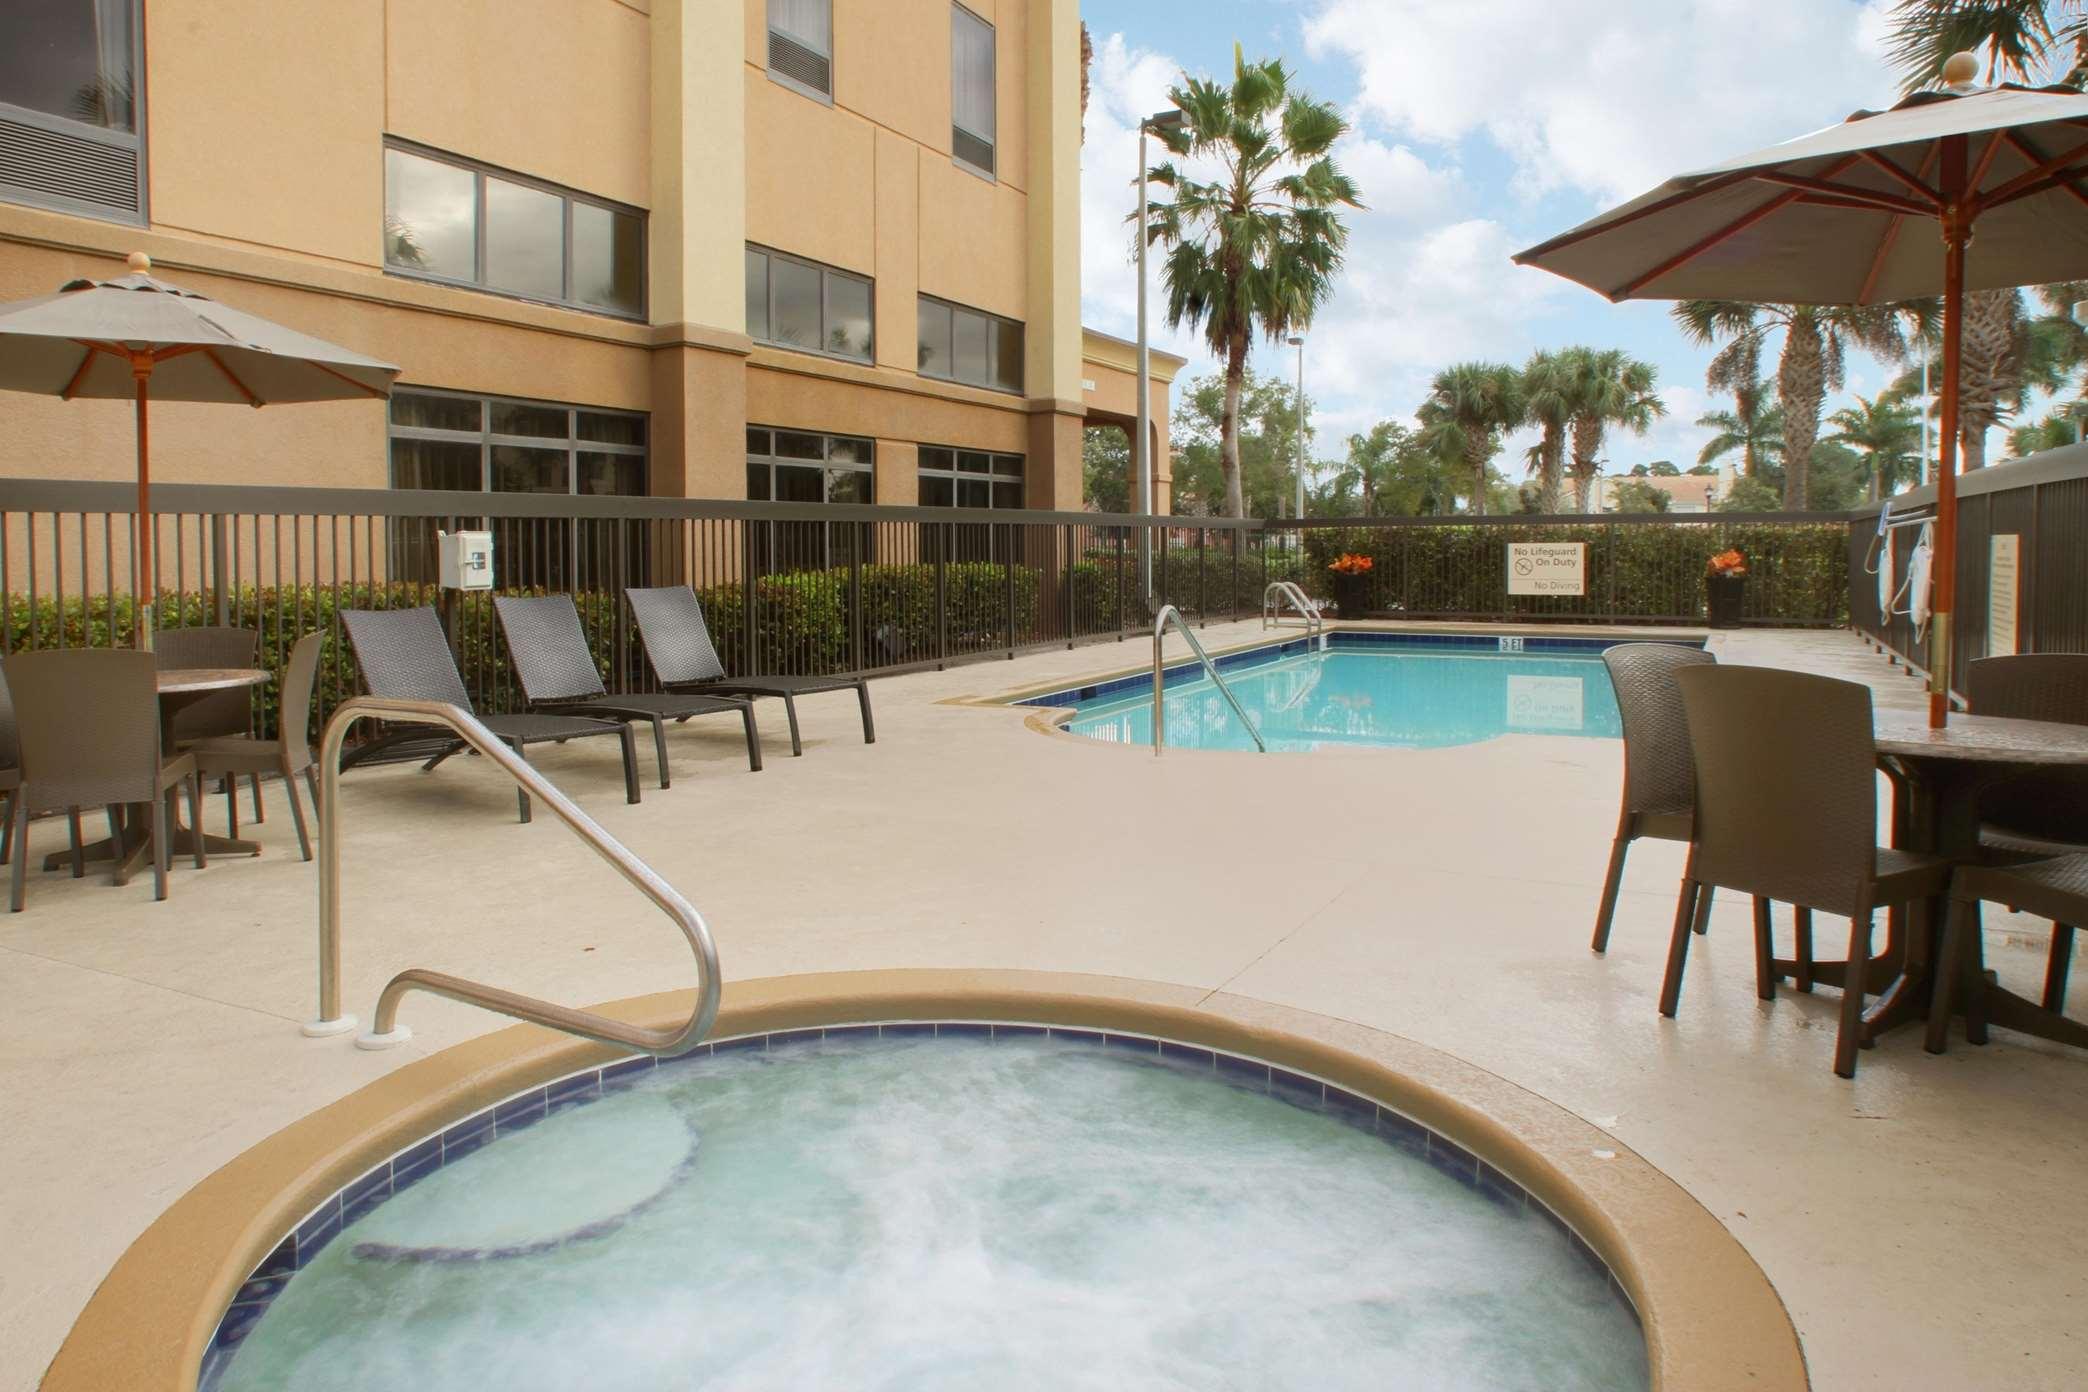 Hampton Inn & Suites Port St. Lucie, West image 28